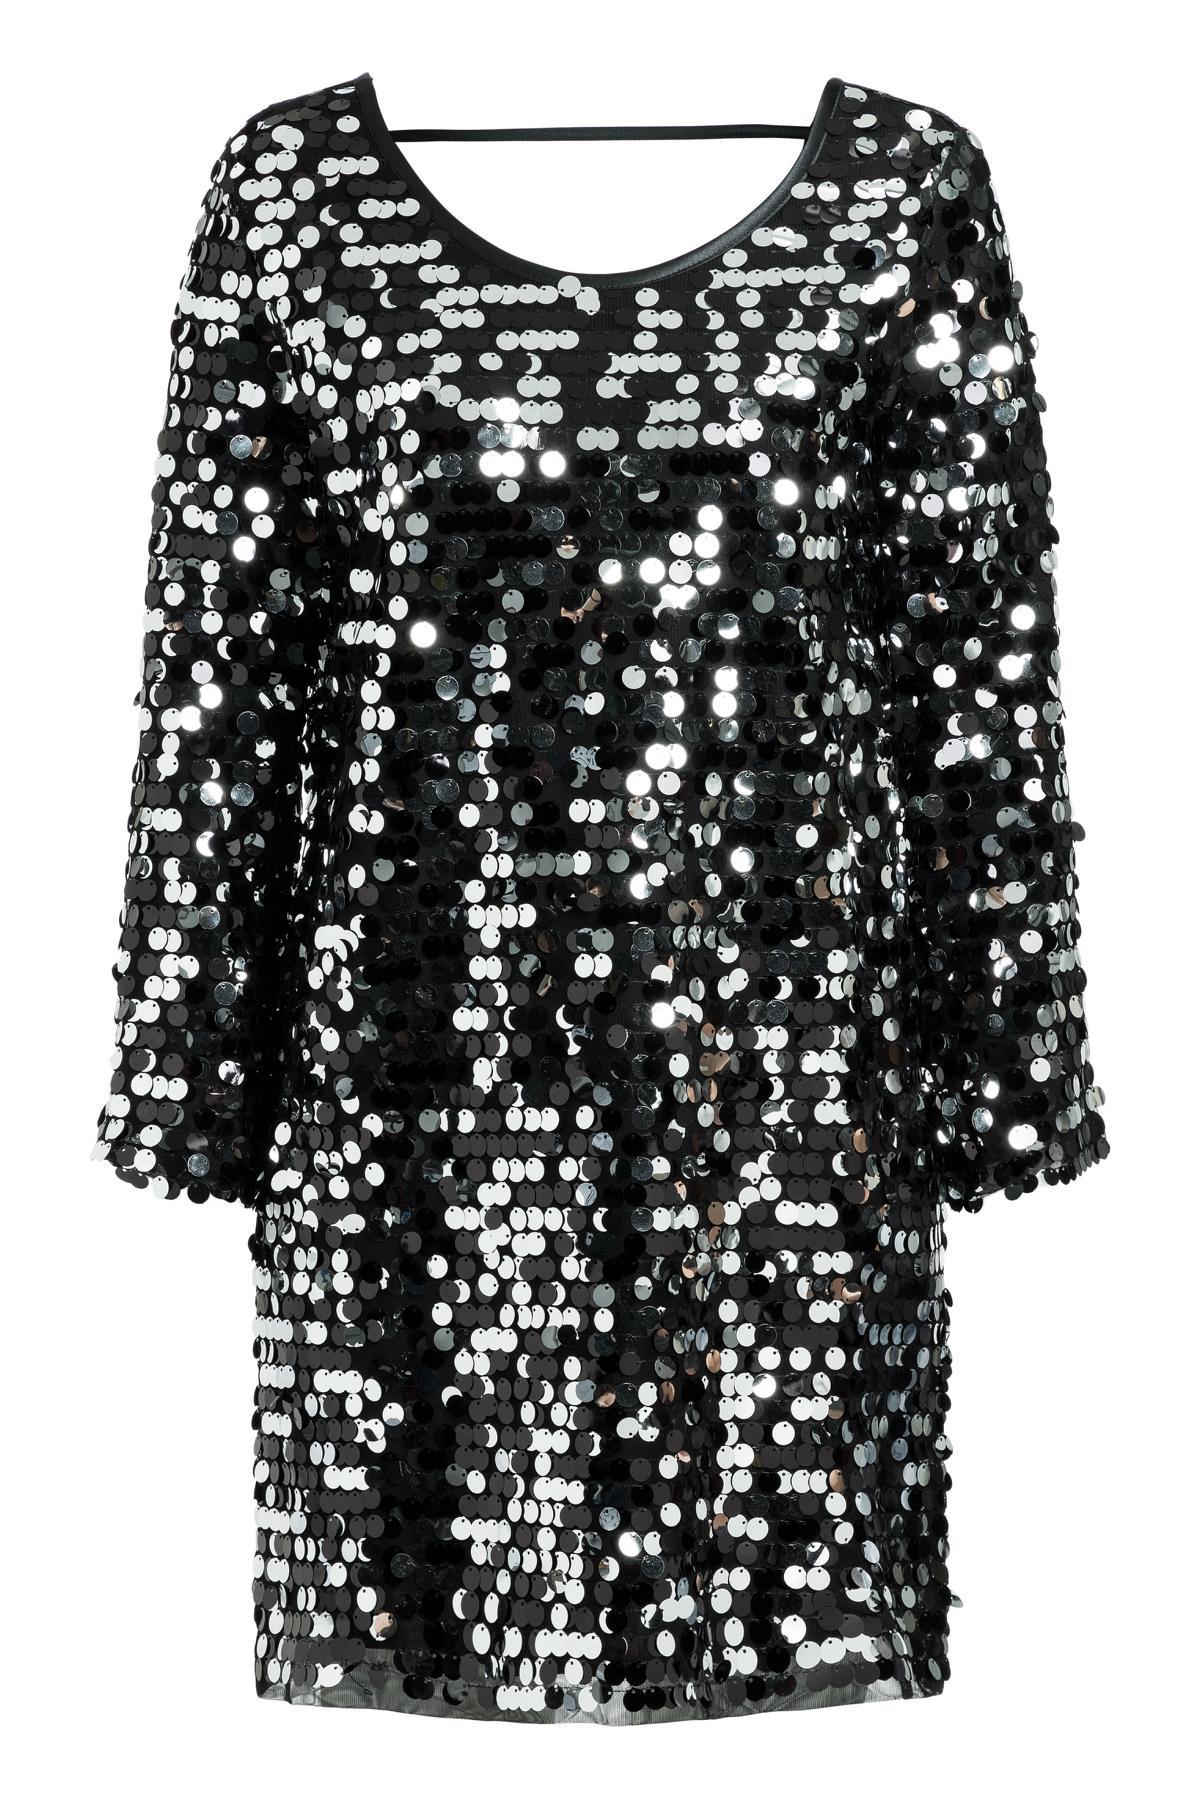 Schwarzes Paillettenkleid Rhetys für lange Partynächte  Ana Alcazar